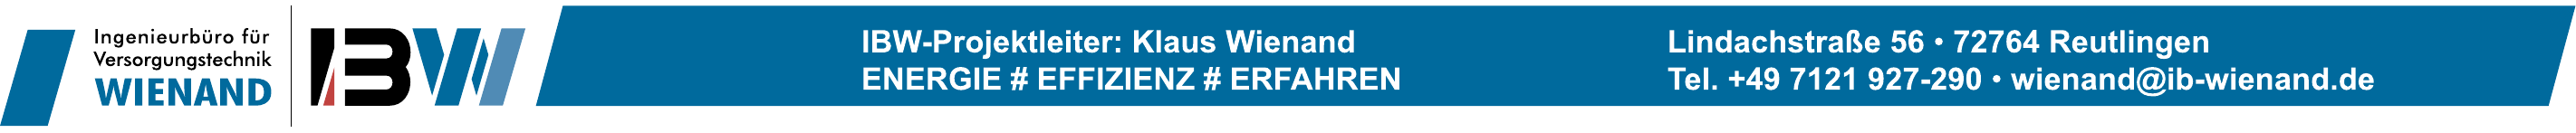 Ingenieurbüro für Versorgungstechnik Wienand